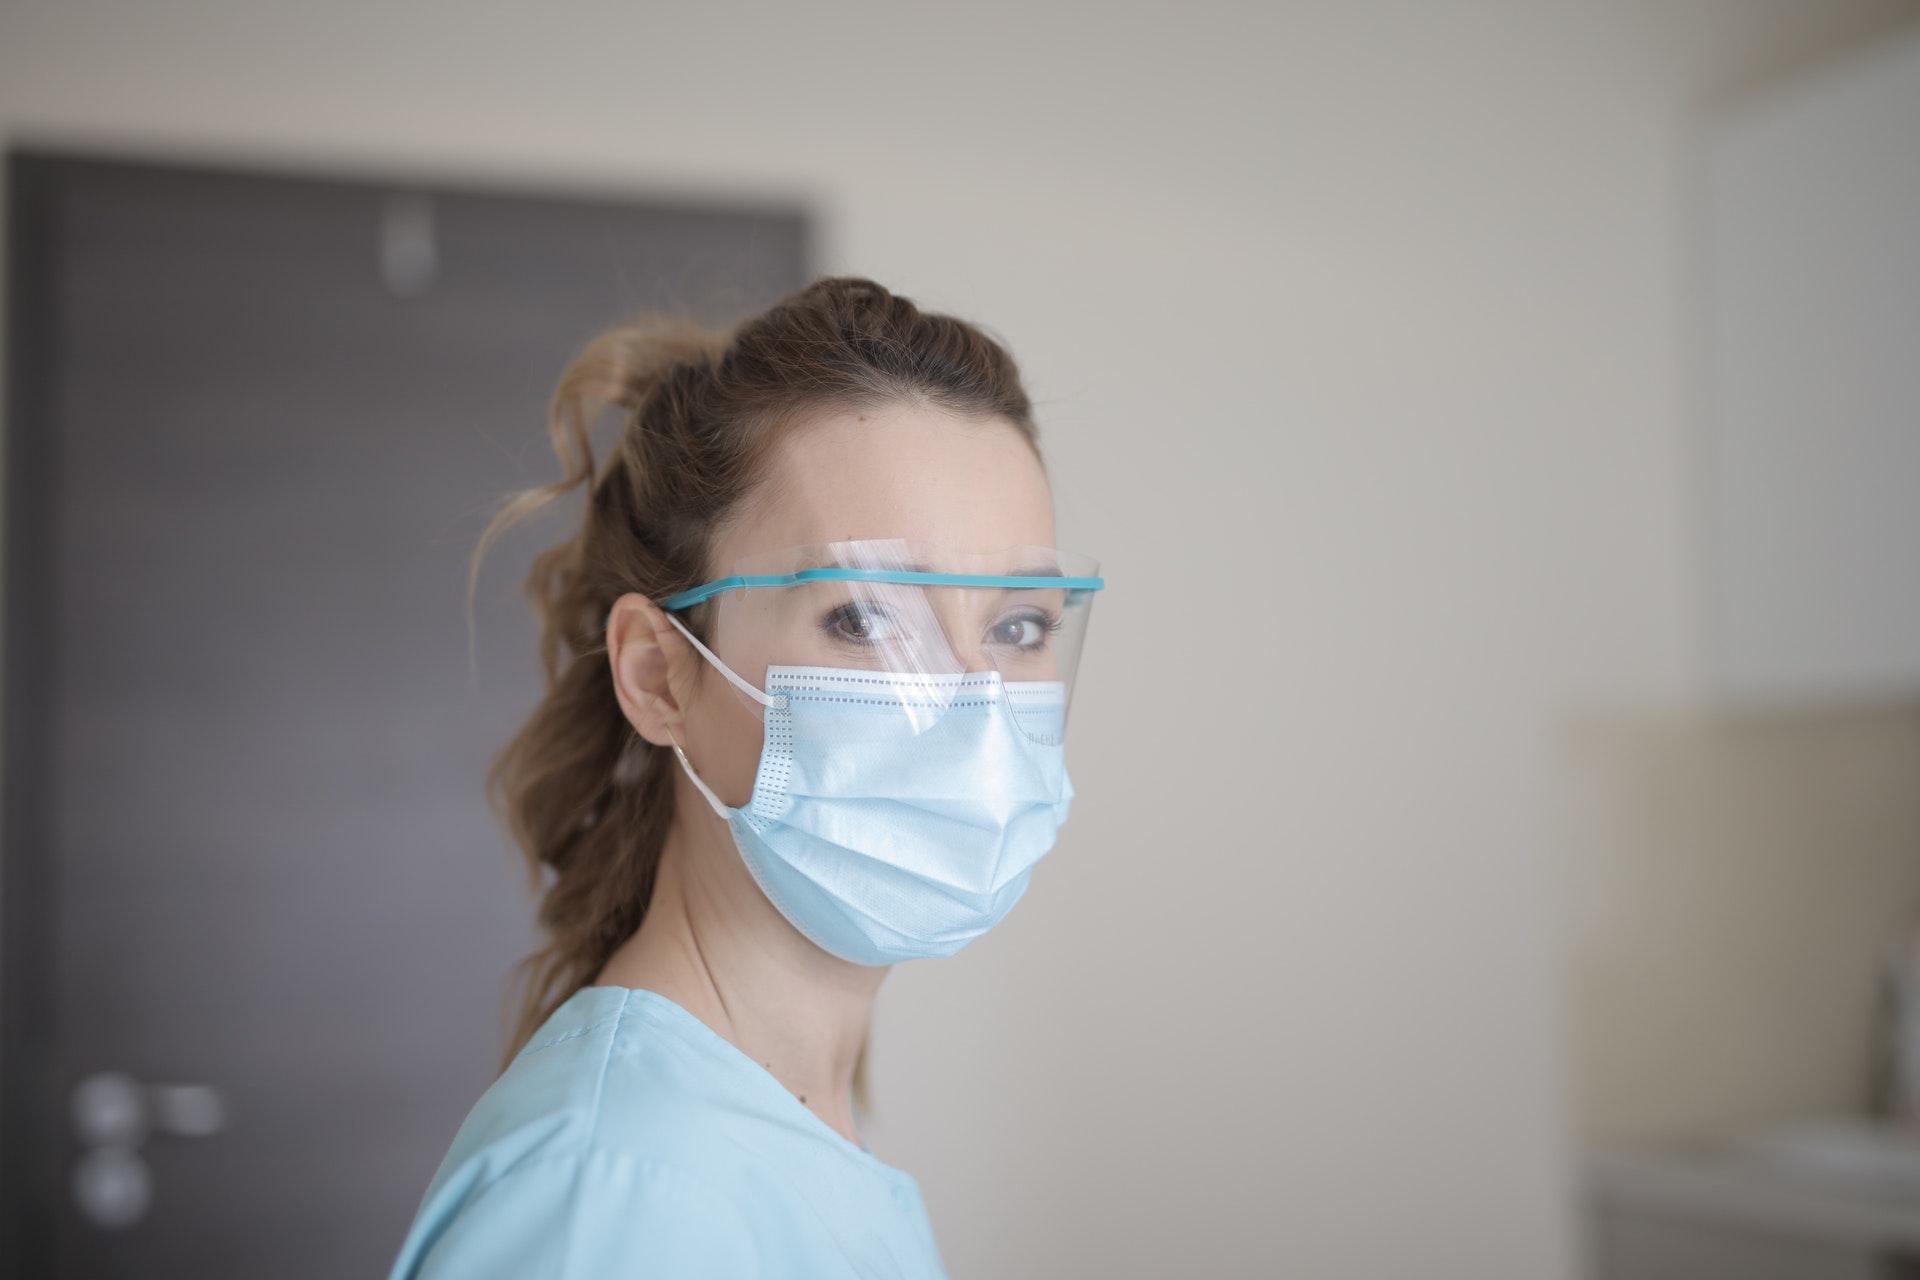 Día de la enfermera: ¿cuál es el sentido de la celebración hoy?